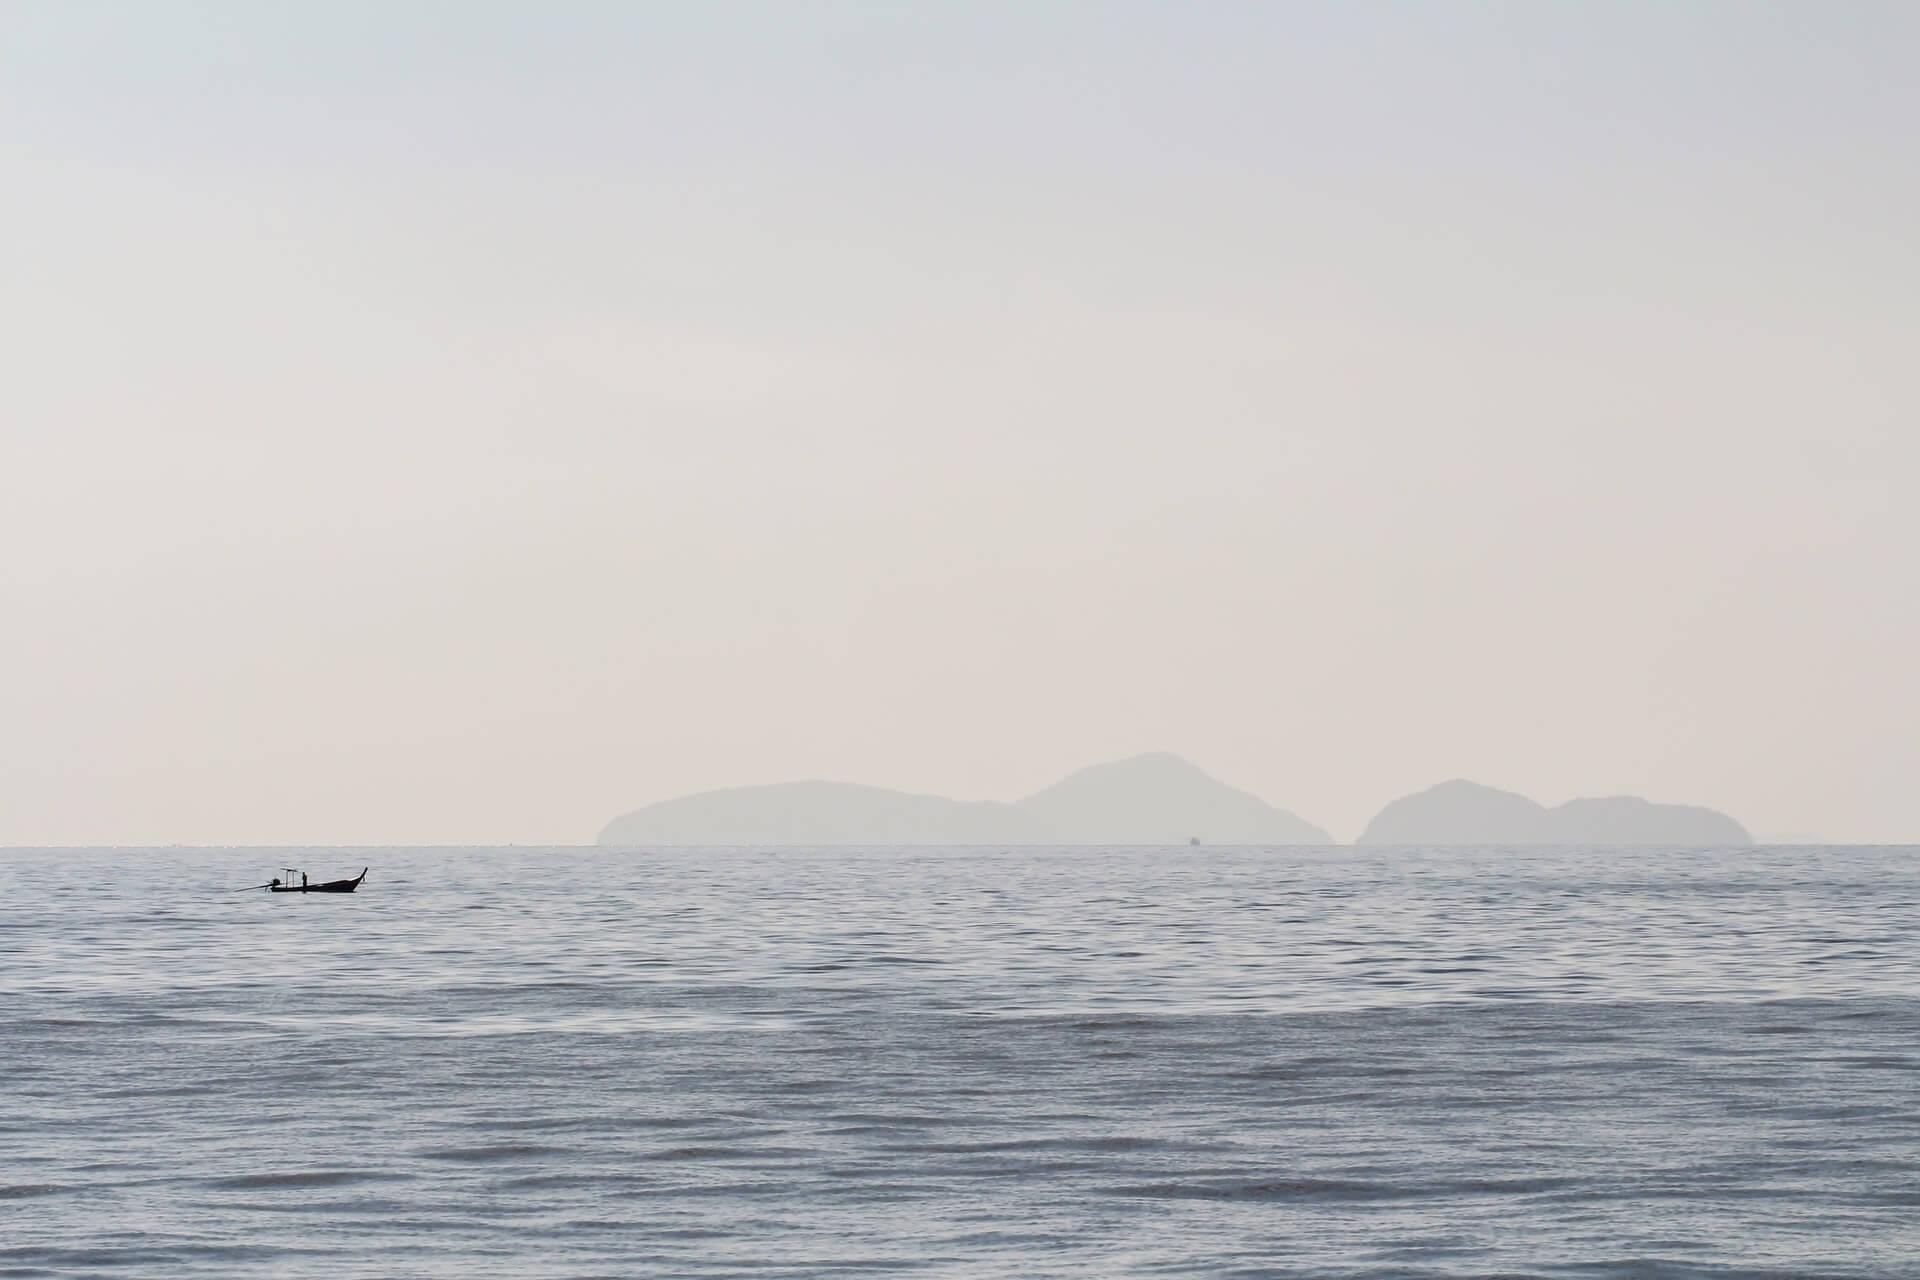 Vue en mer - Photo by Marcus Löfvenberg on Unsplash